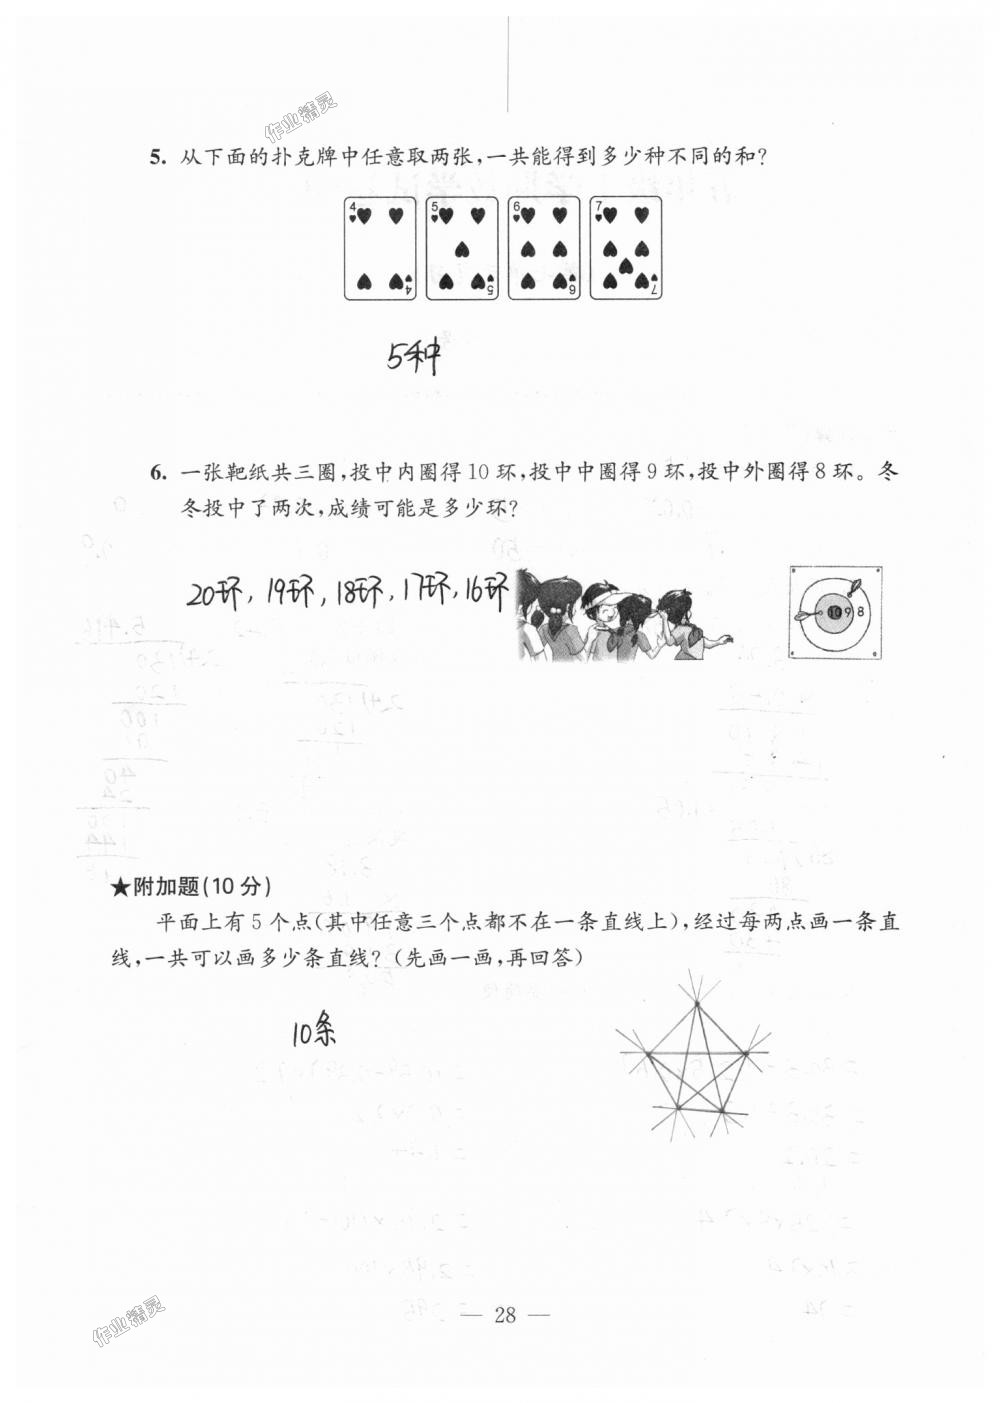 2018年练习与测试检测卷五年级数学上册苏教版第28页